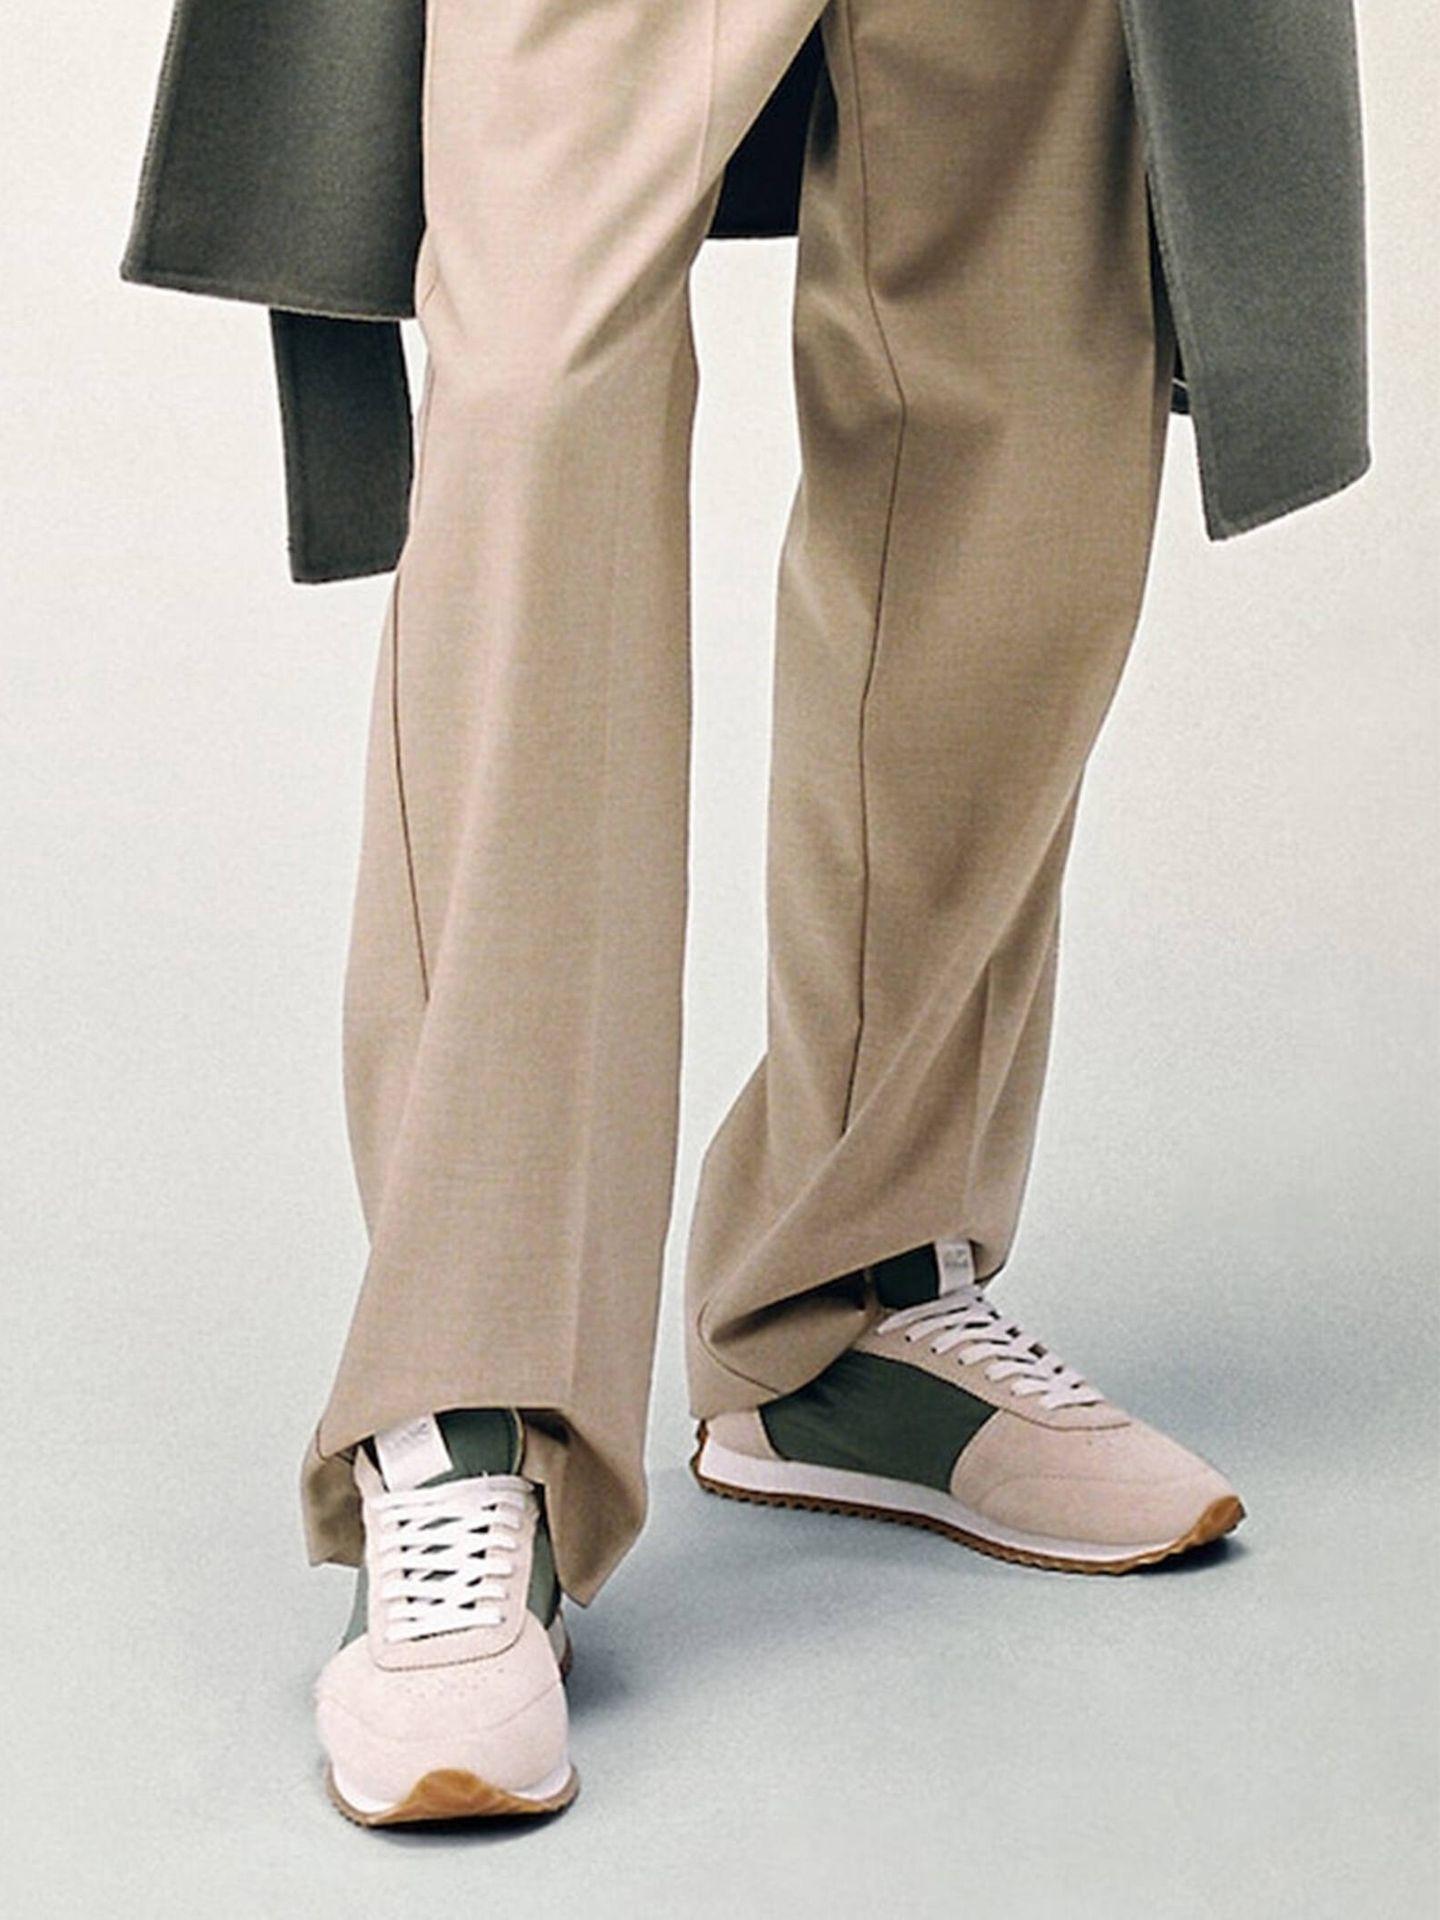 La nueva colección de zapatillas deportivas de Mango tiene modelos para todos los gustos. (Cortesía)